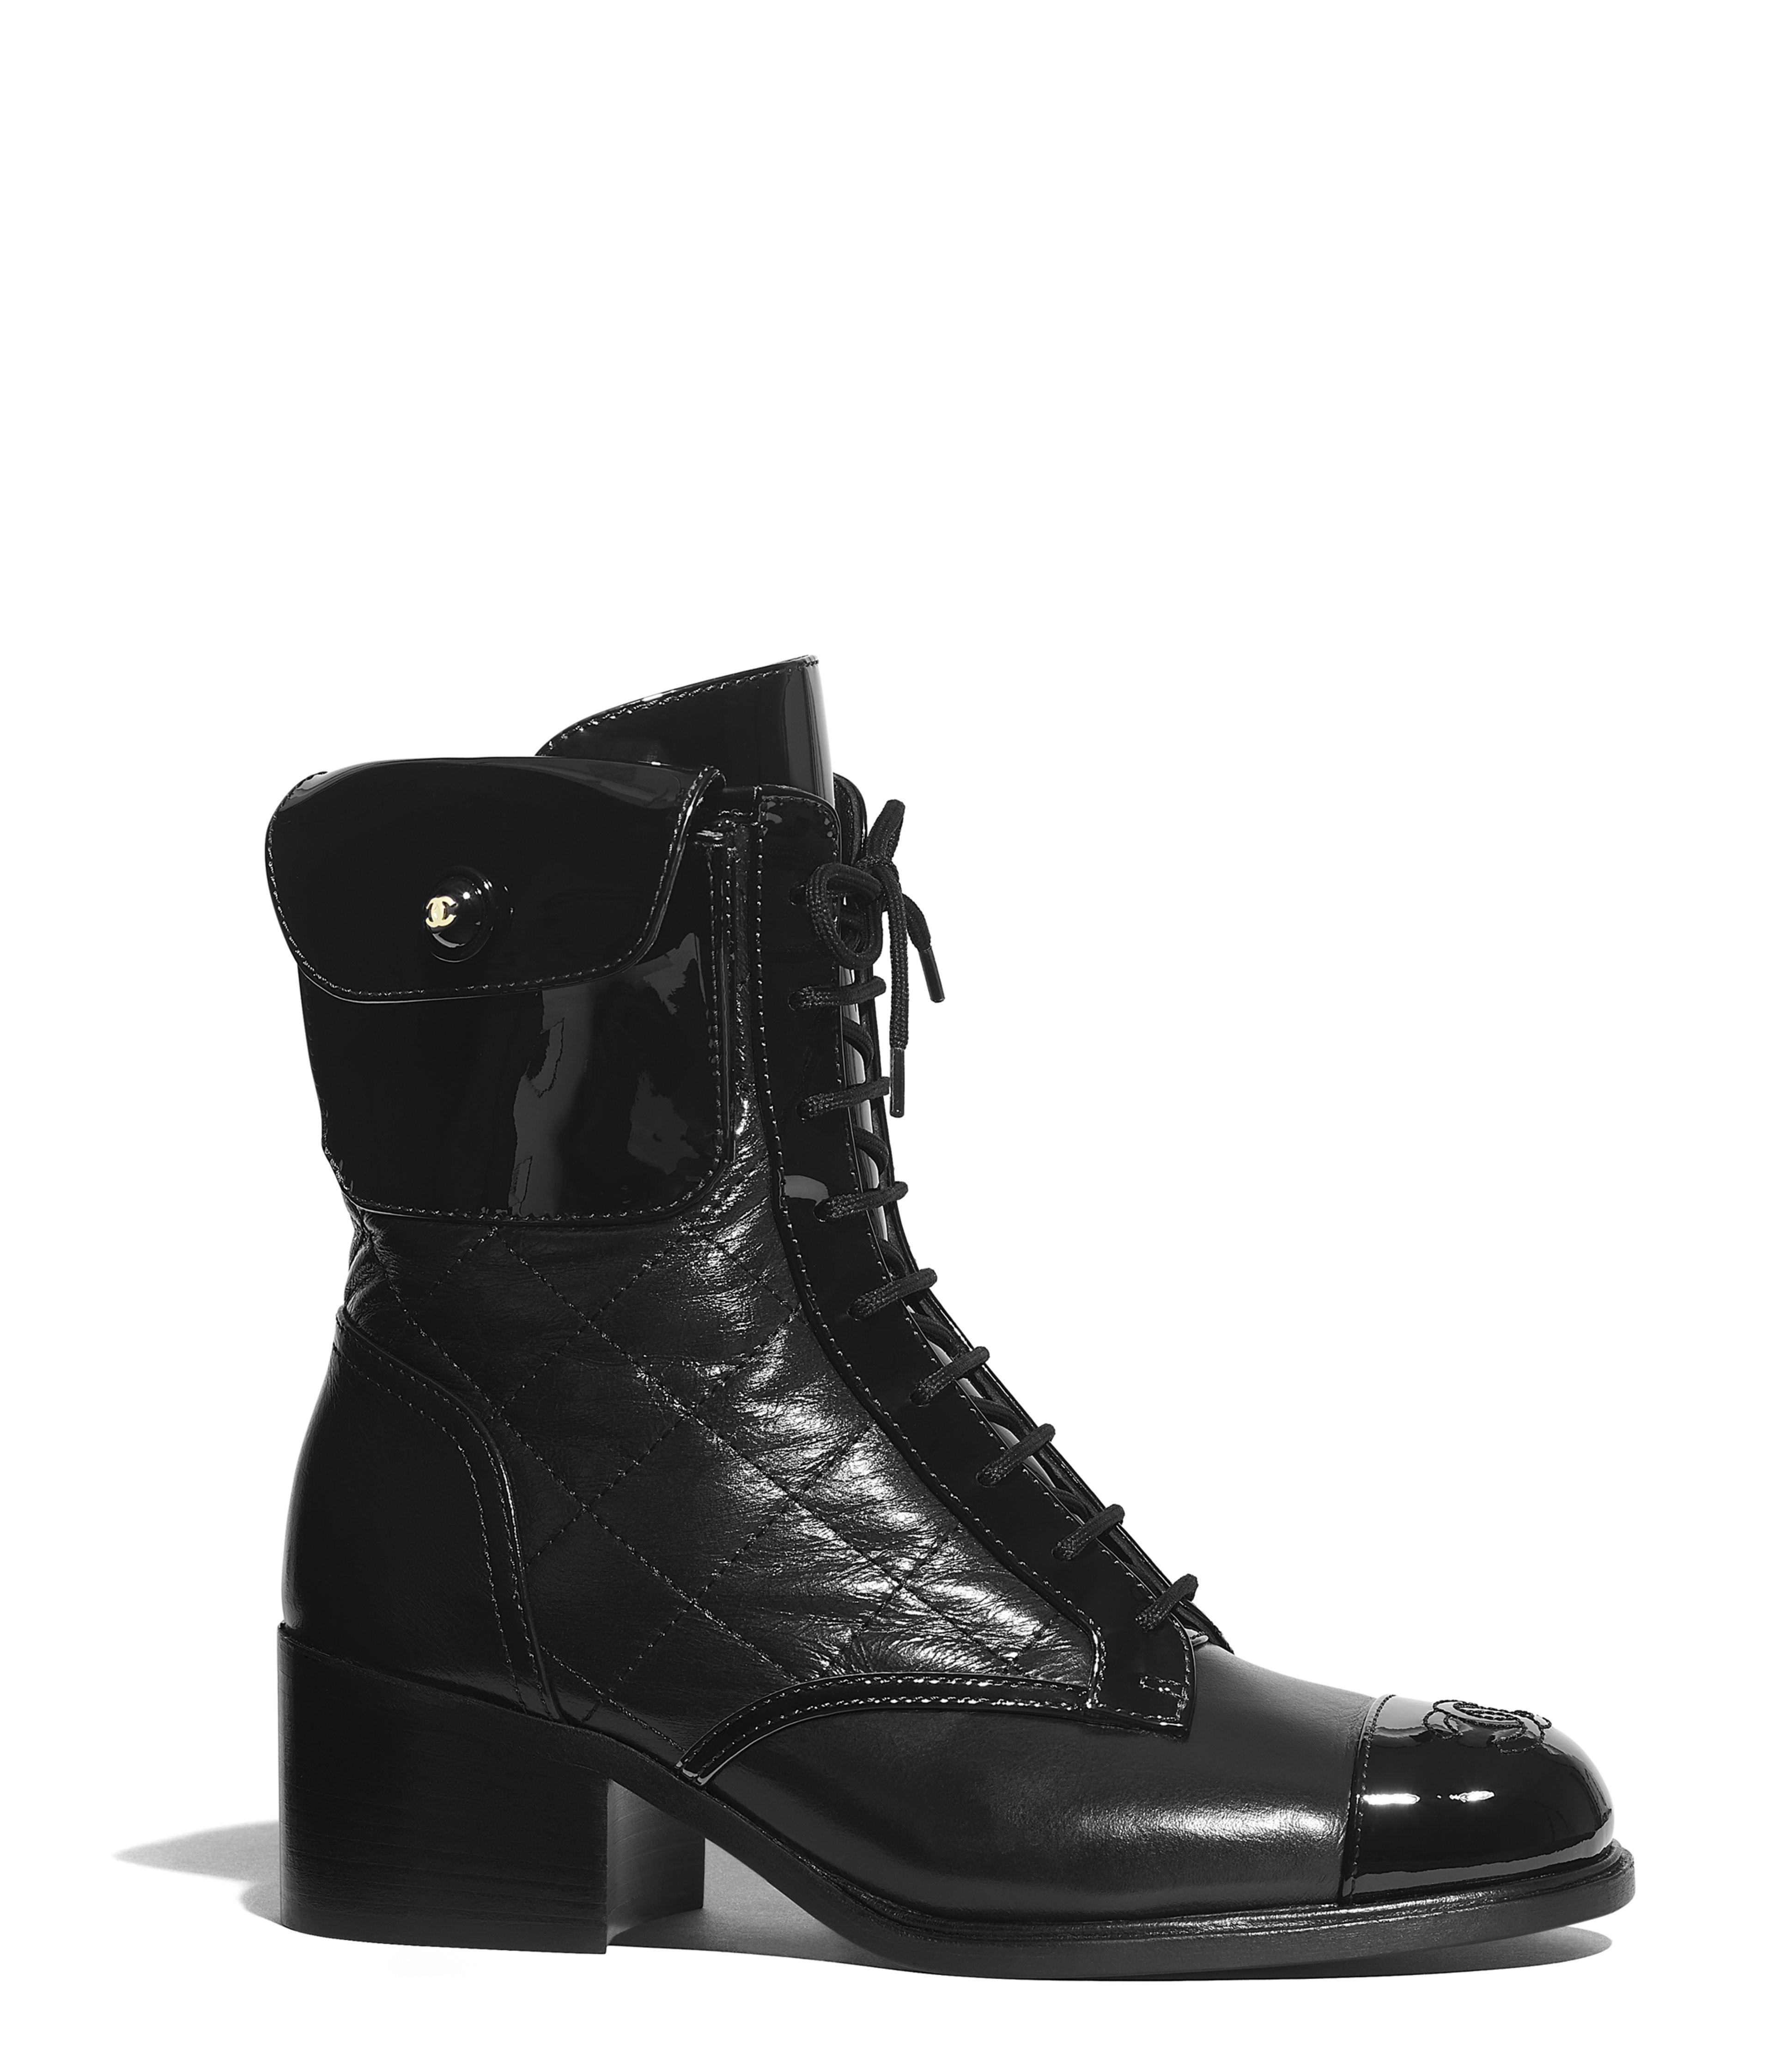 new concept 64af2 a11e3 Shoes - Fashion | CHANEL